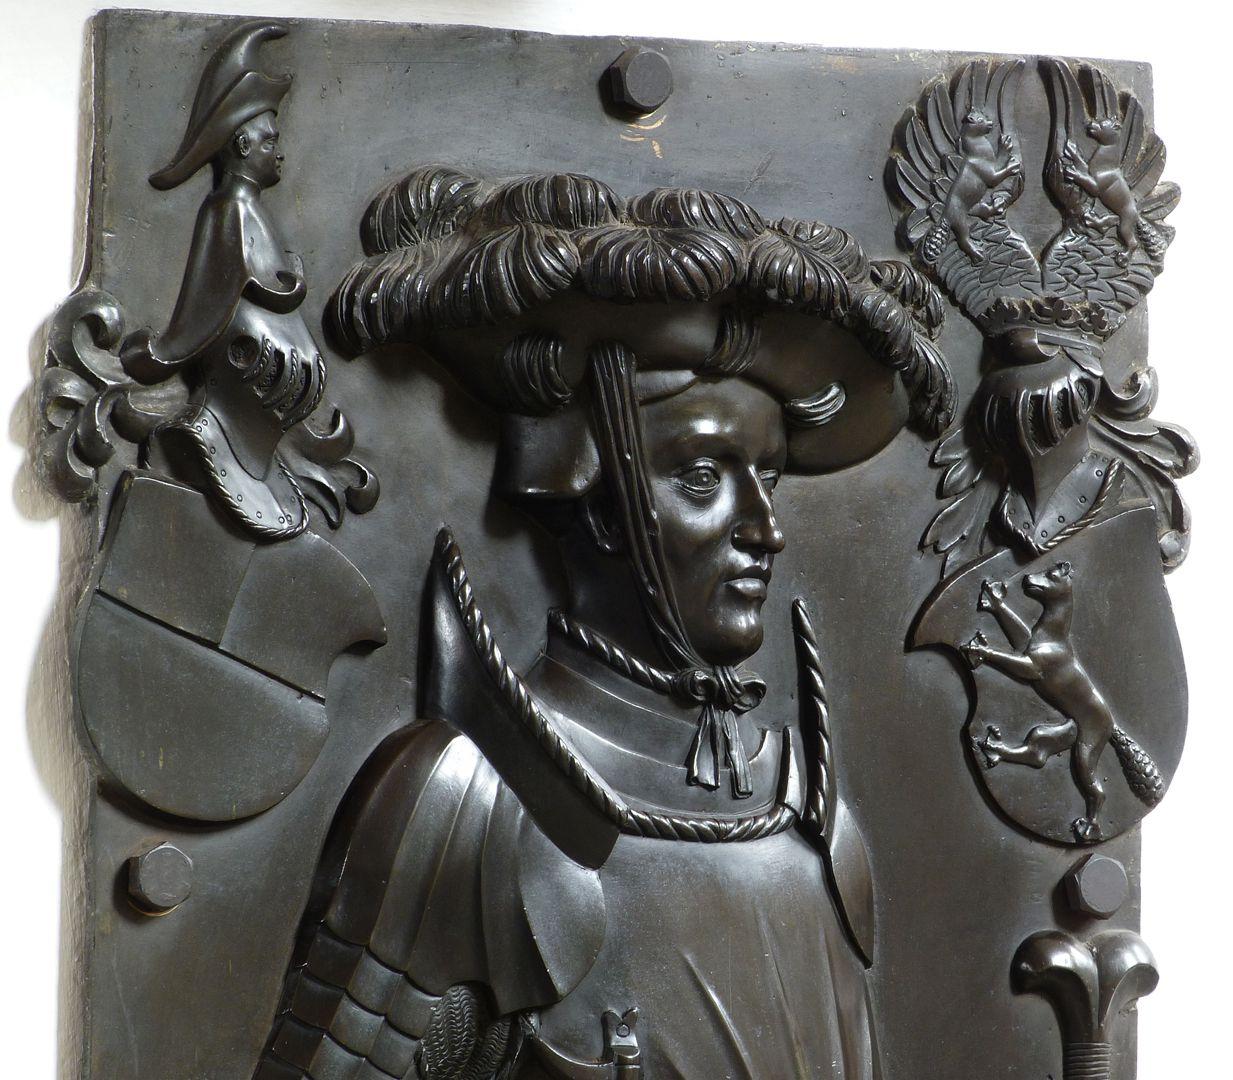 Epitaph des Wolf von Schaumberg (Lichtenfels) oberes Plattendrittel, Schrägansicht